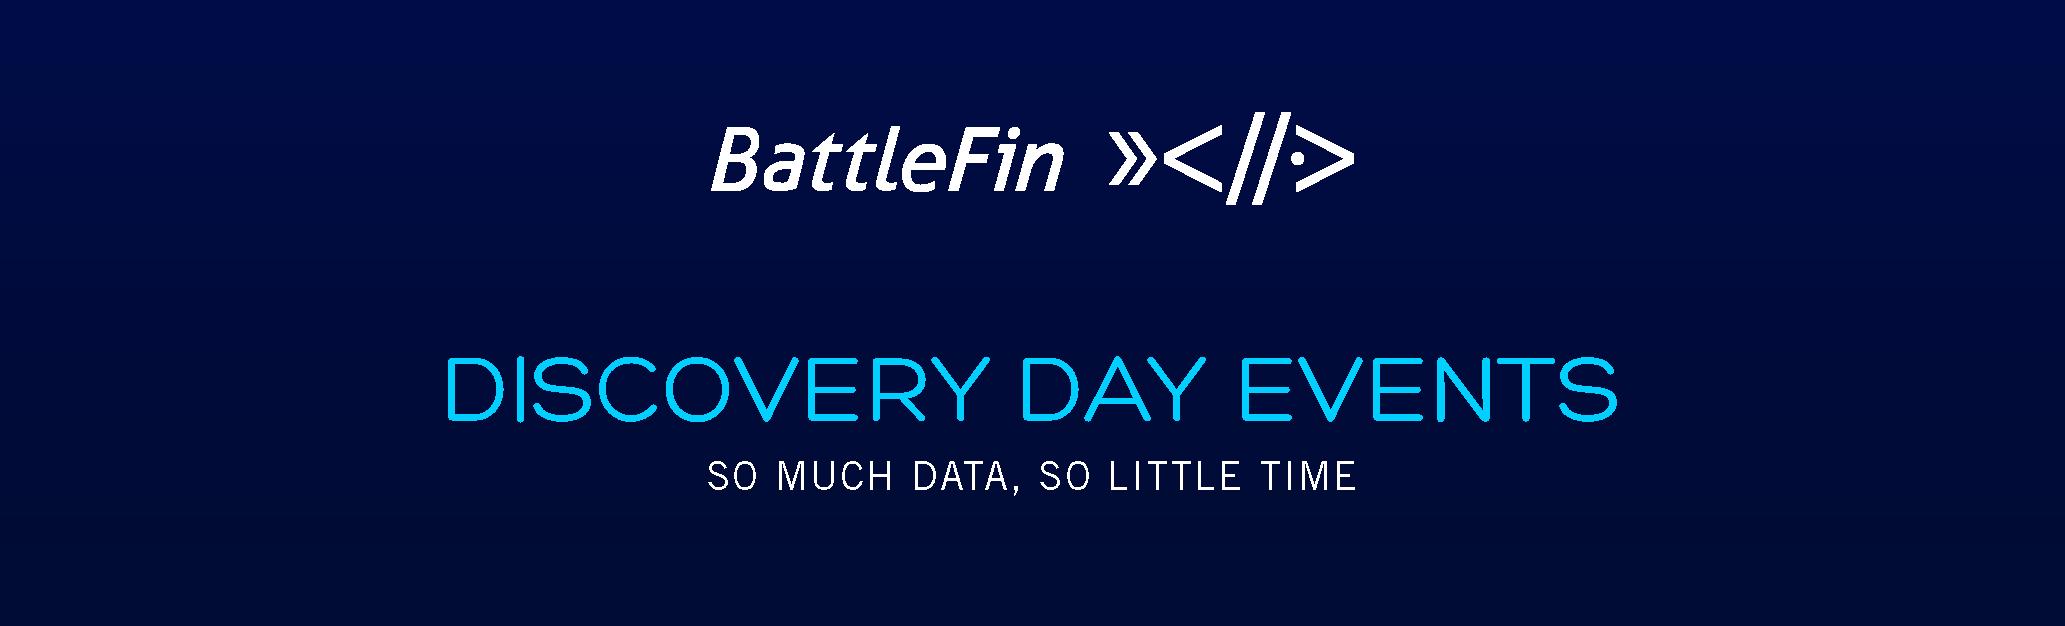 Battlefin-4events-postcard